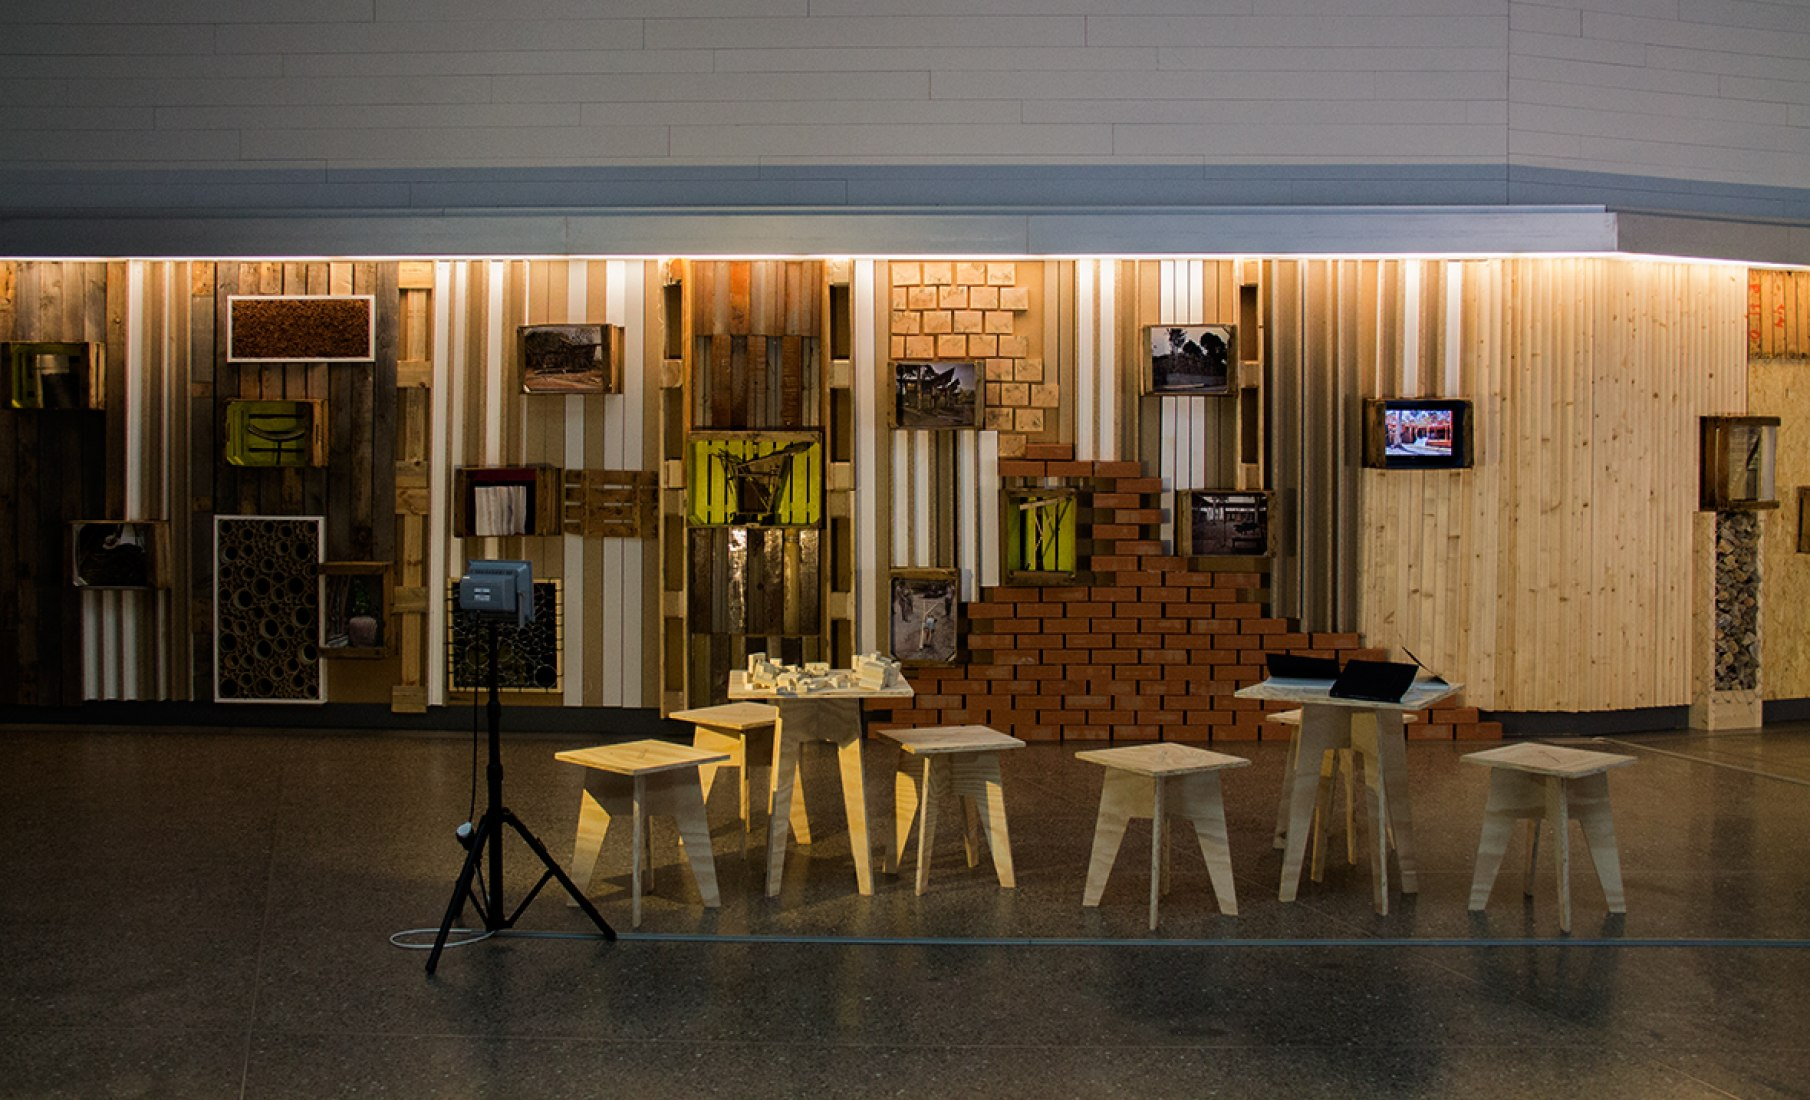 Imagen de la exposición TYIN tegnestue: en detalle, en el MUSAC. Fotografía © Andrea Portillo / METALOCUS.